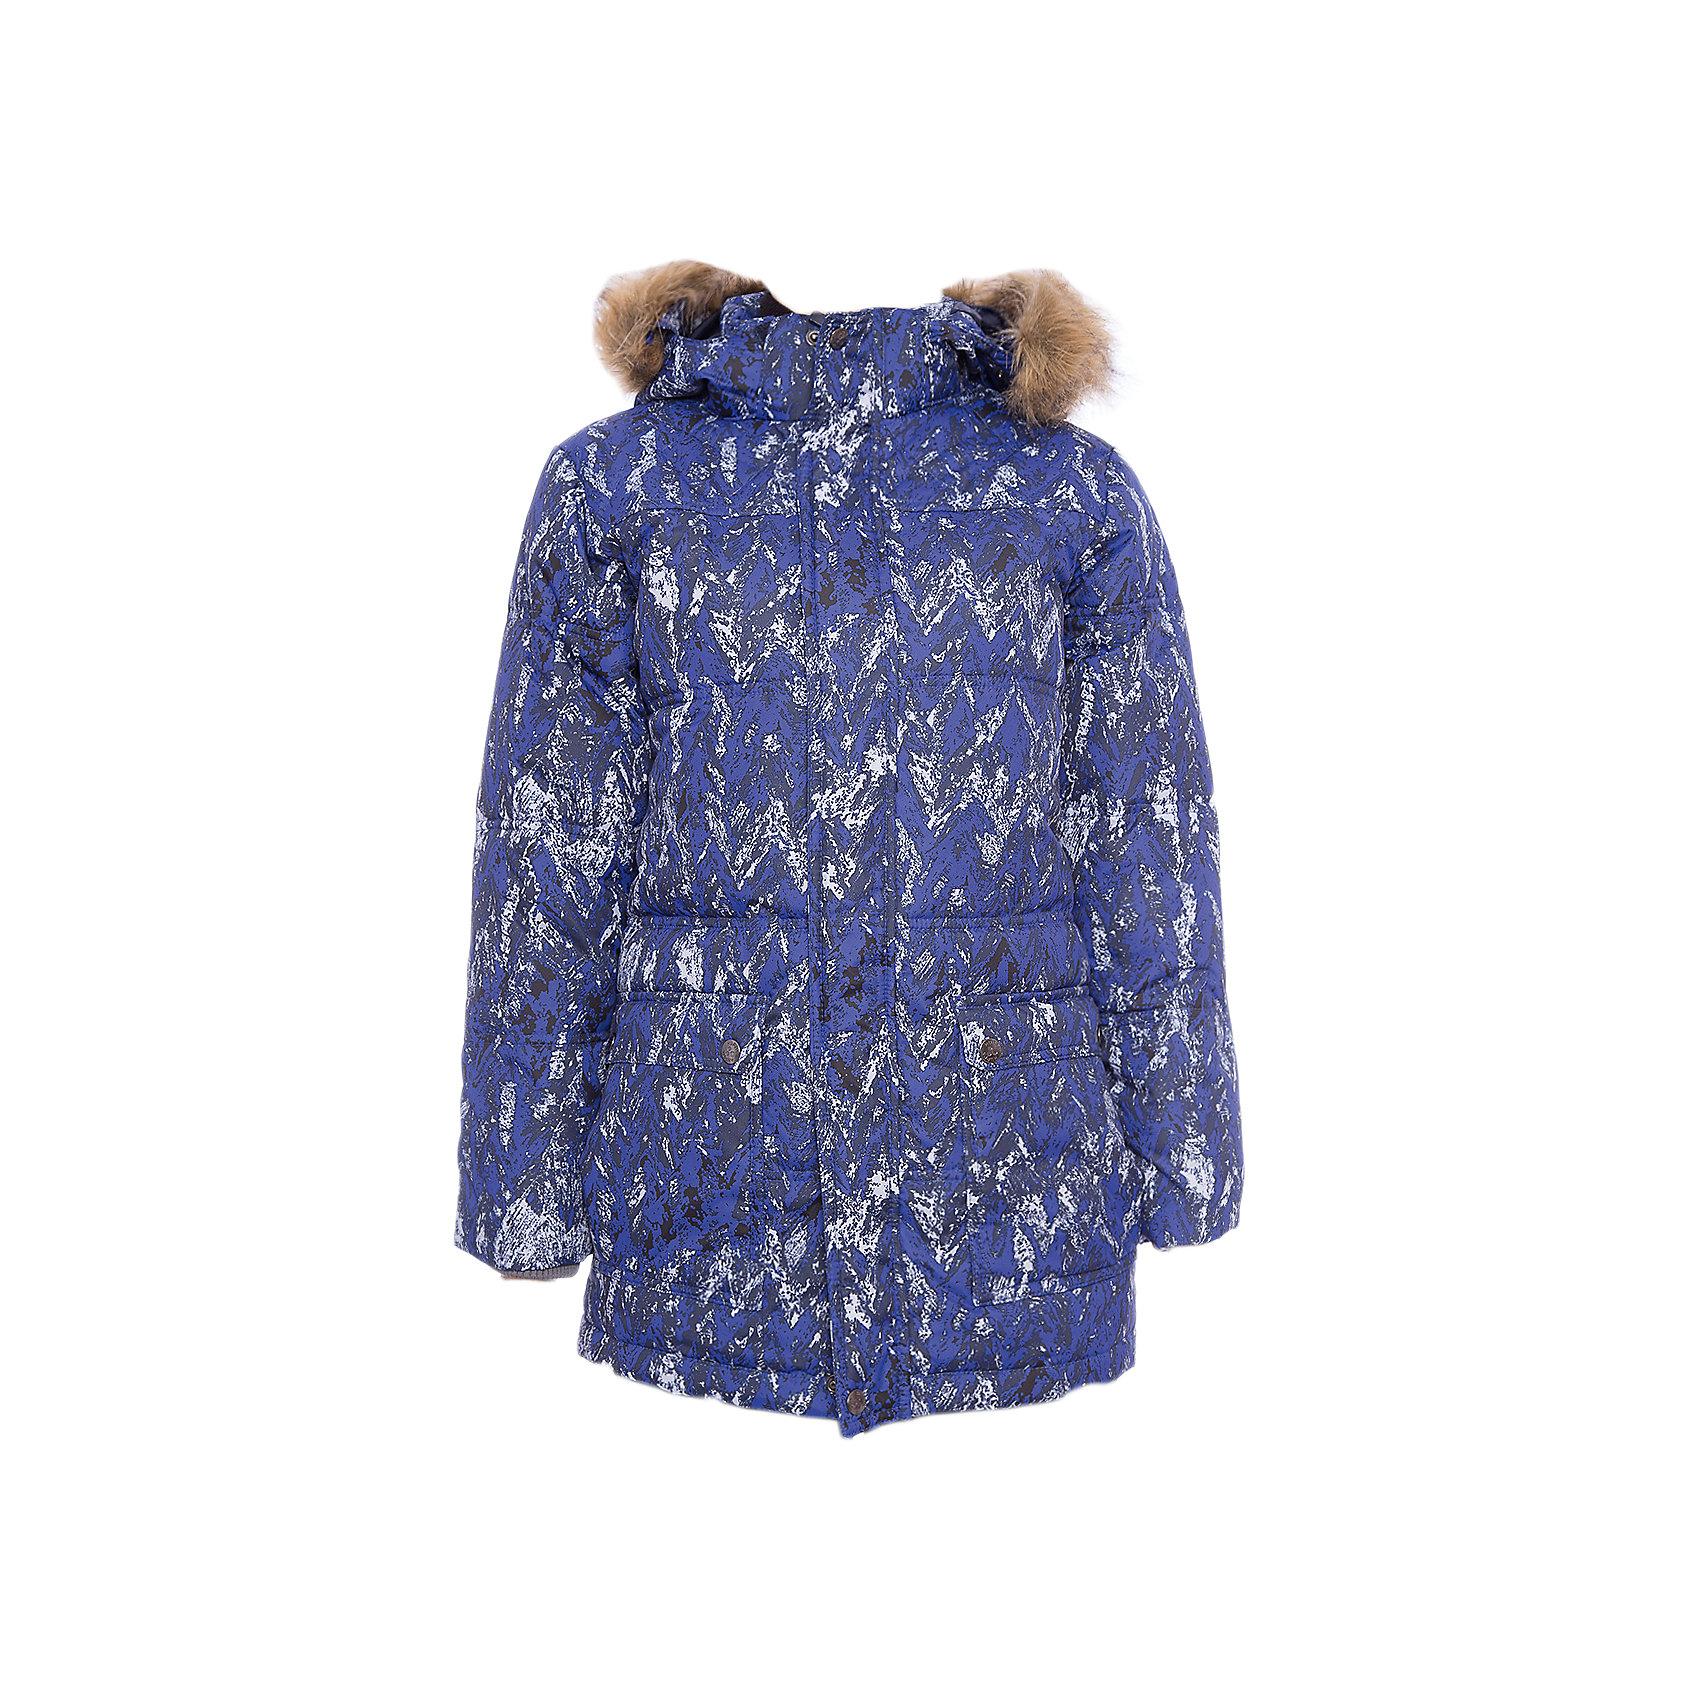 Куртка LUCAS Huppa для мальчикаВерхняя одежда<br>Куртка LUCAS Huppa для мальчика<br>Куртка для мальчиков LUCAS.Водо и воздхонепроницаемость 5 000. Утеплитель 50% пух, 50% перо.Подкладка тафта 100% полиэстер.Капюшон с отстегивающимся мехом.Карманы на молнии.Двухсторонняя молния.Внутренний манжет рукава.Имеются светоотражательные элементы.<br>Состав:<br>100% полиэстер<br><br>Ширина мм: 356<br>Глубина мм: 10<br>Высота мм: 245<br>Вес г: 519<br>Цвет: синий<br>Возраст от месяцев: 156<br>Возраст до месяцев: 168<br>Пол: Мужской<br>Возраст: Детский<br>Размер: 164,134,110,116,122,128,140,146,152,158,170<br>SKU: 7039938